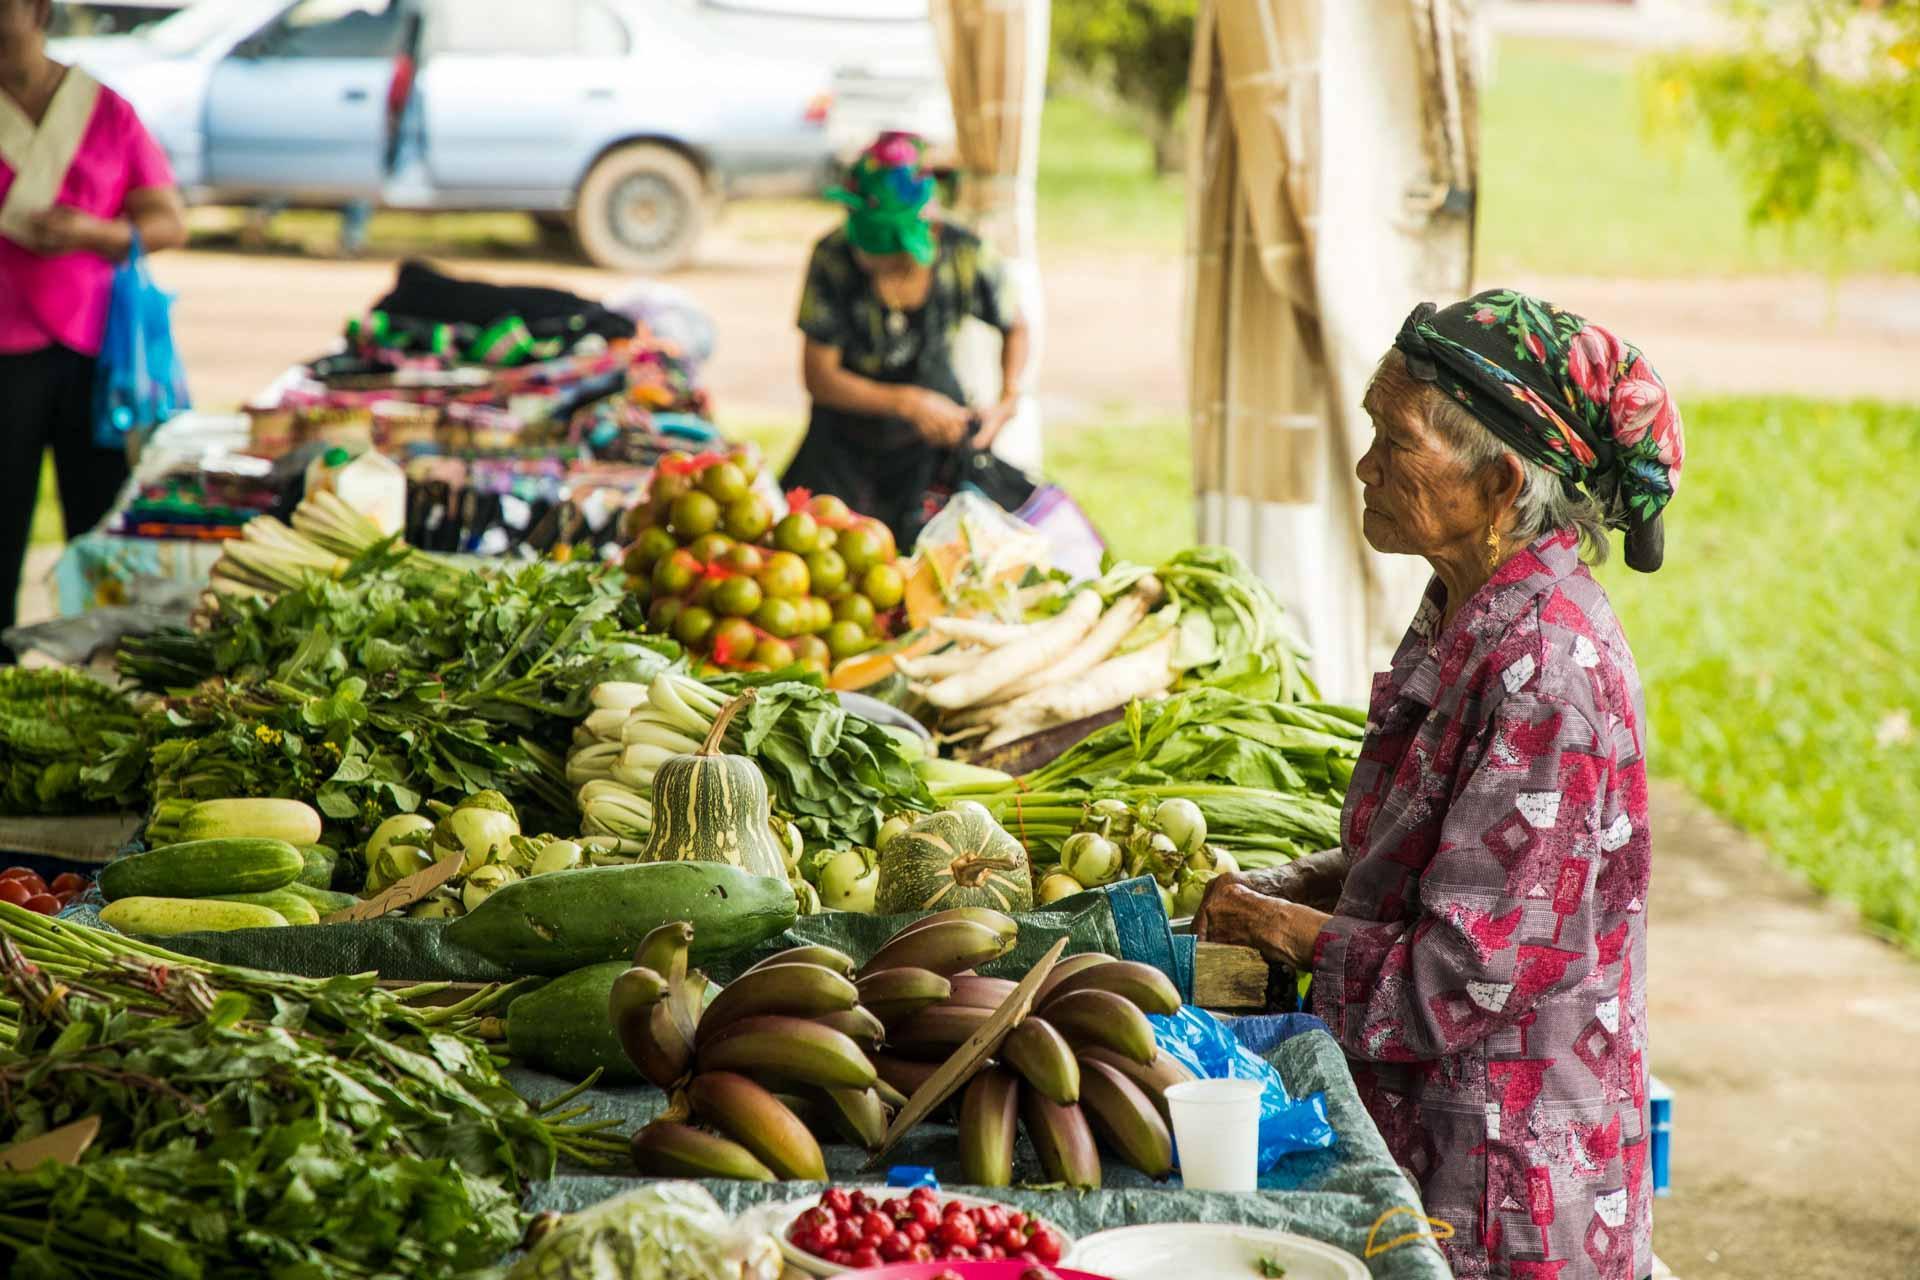 Le marché Hmong à Javouhey © Wladimir Kinnoo